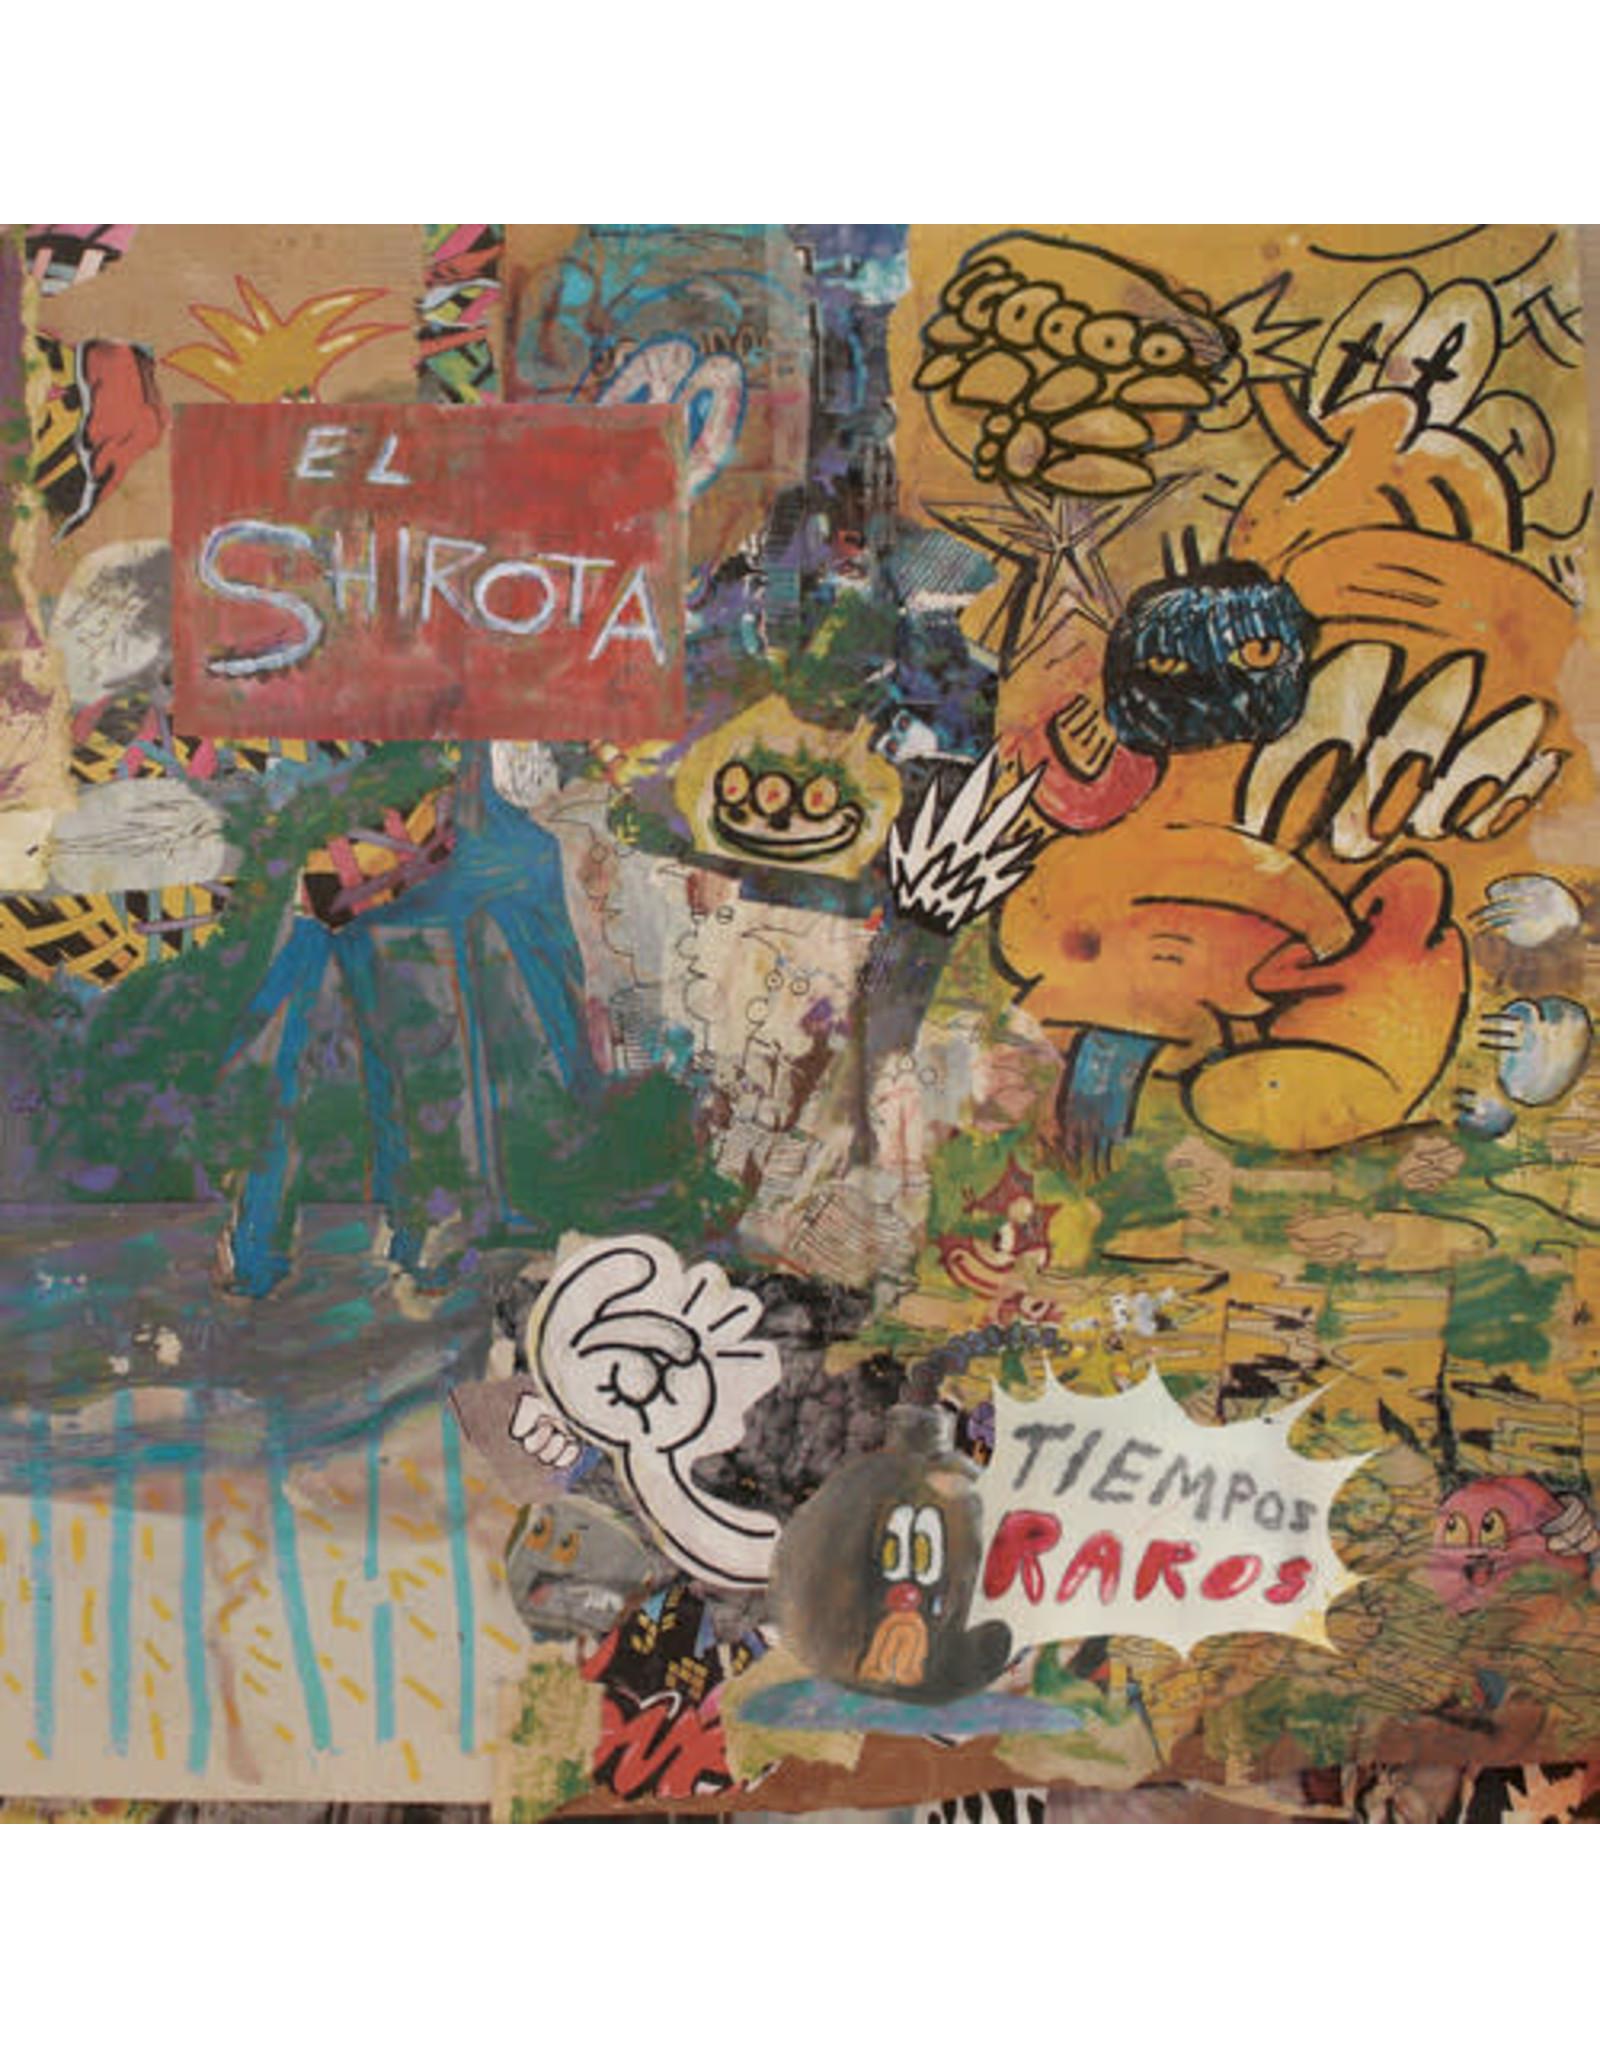 New Vinyl El Shirota - Tiempos Raros LP